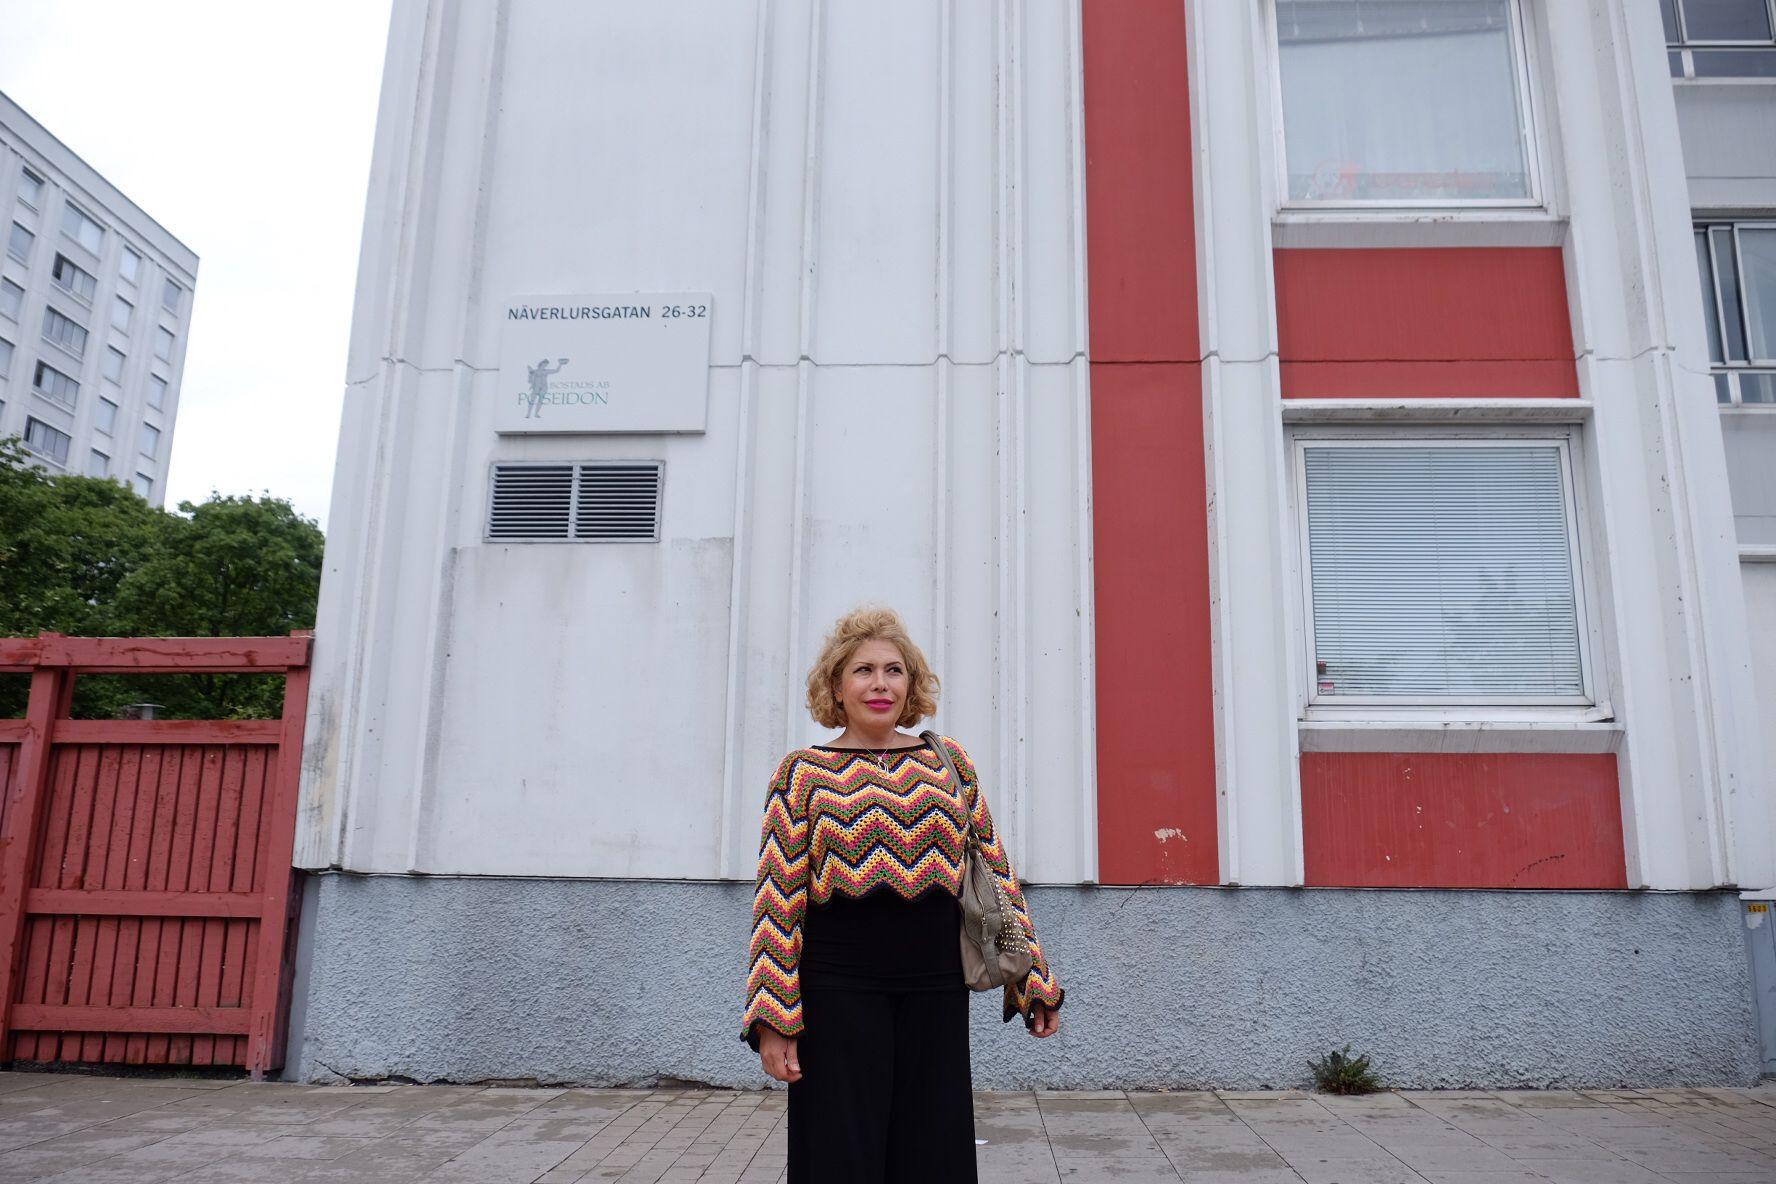 INNVANDRINGSKRITISK: – Jeg håper Sverigedemokraterna kan redde dette landet, sier iranskfødte Mandana Amini.